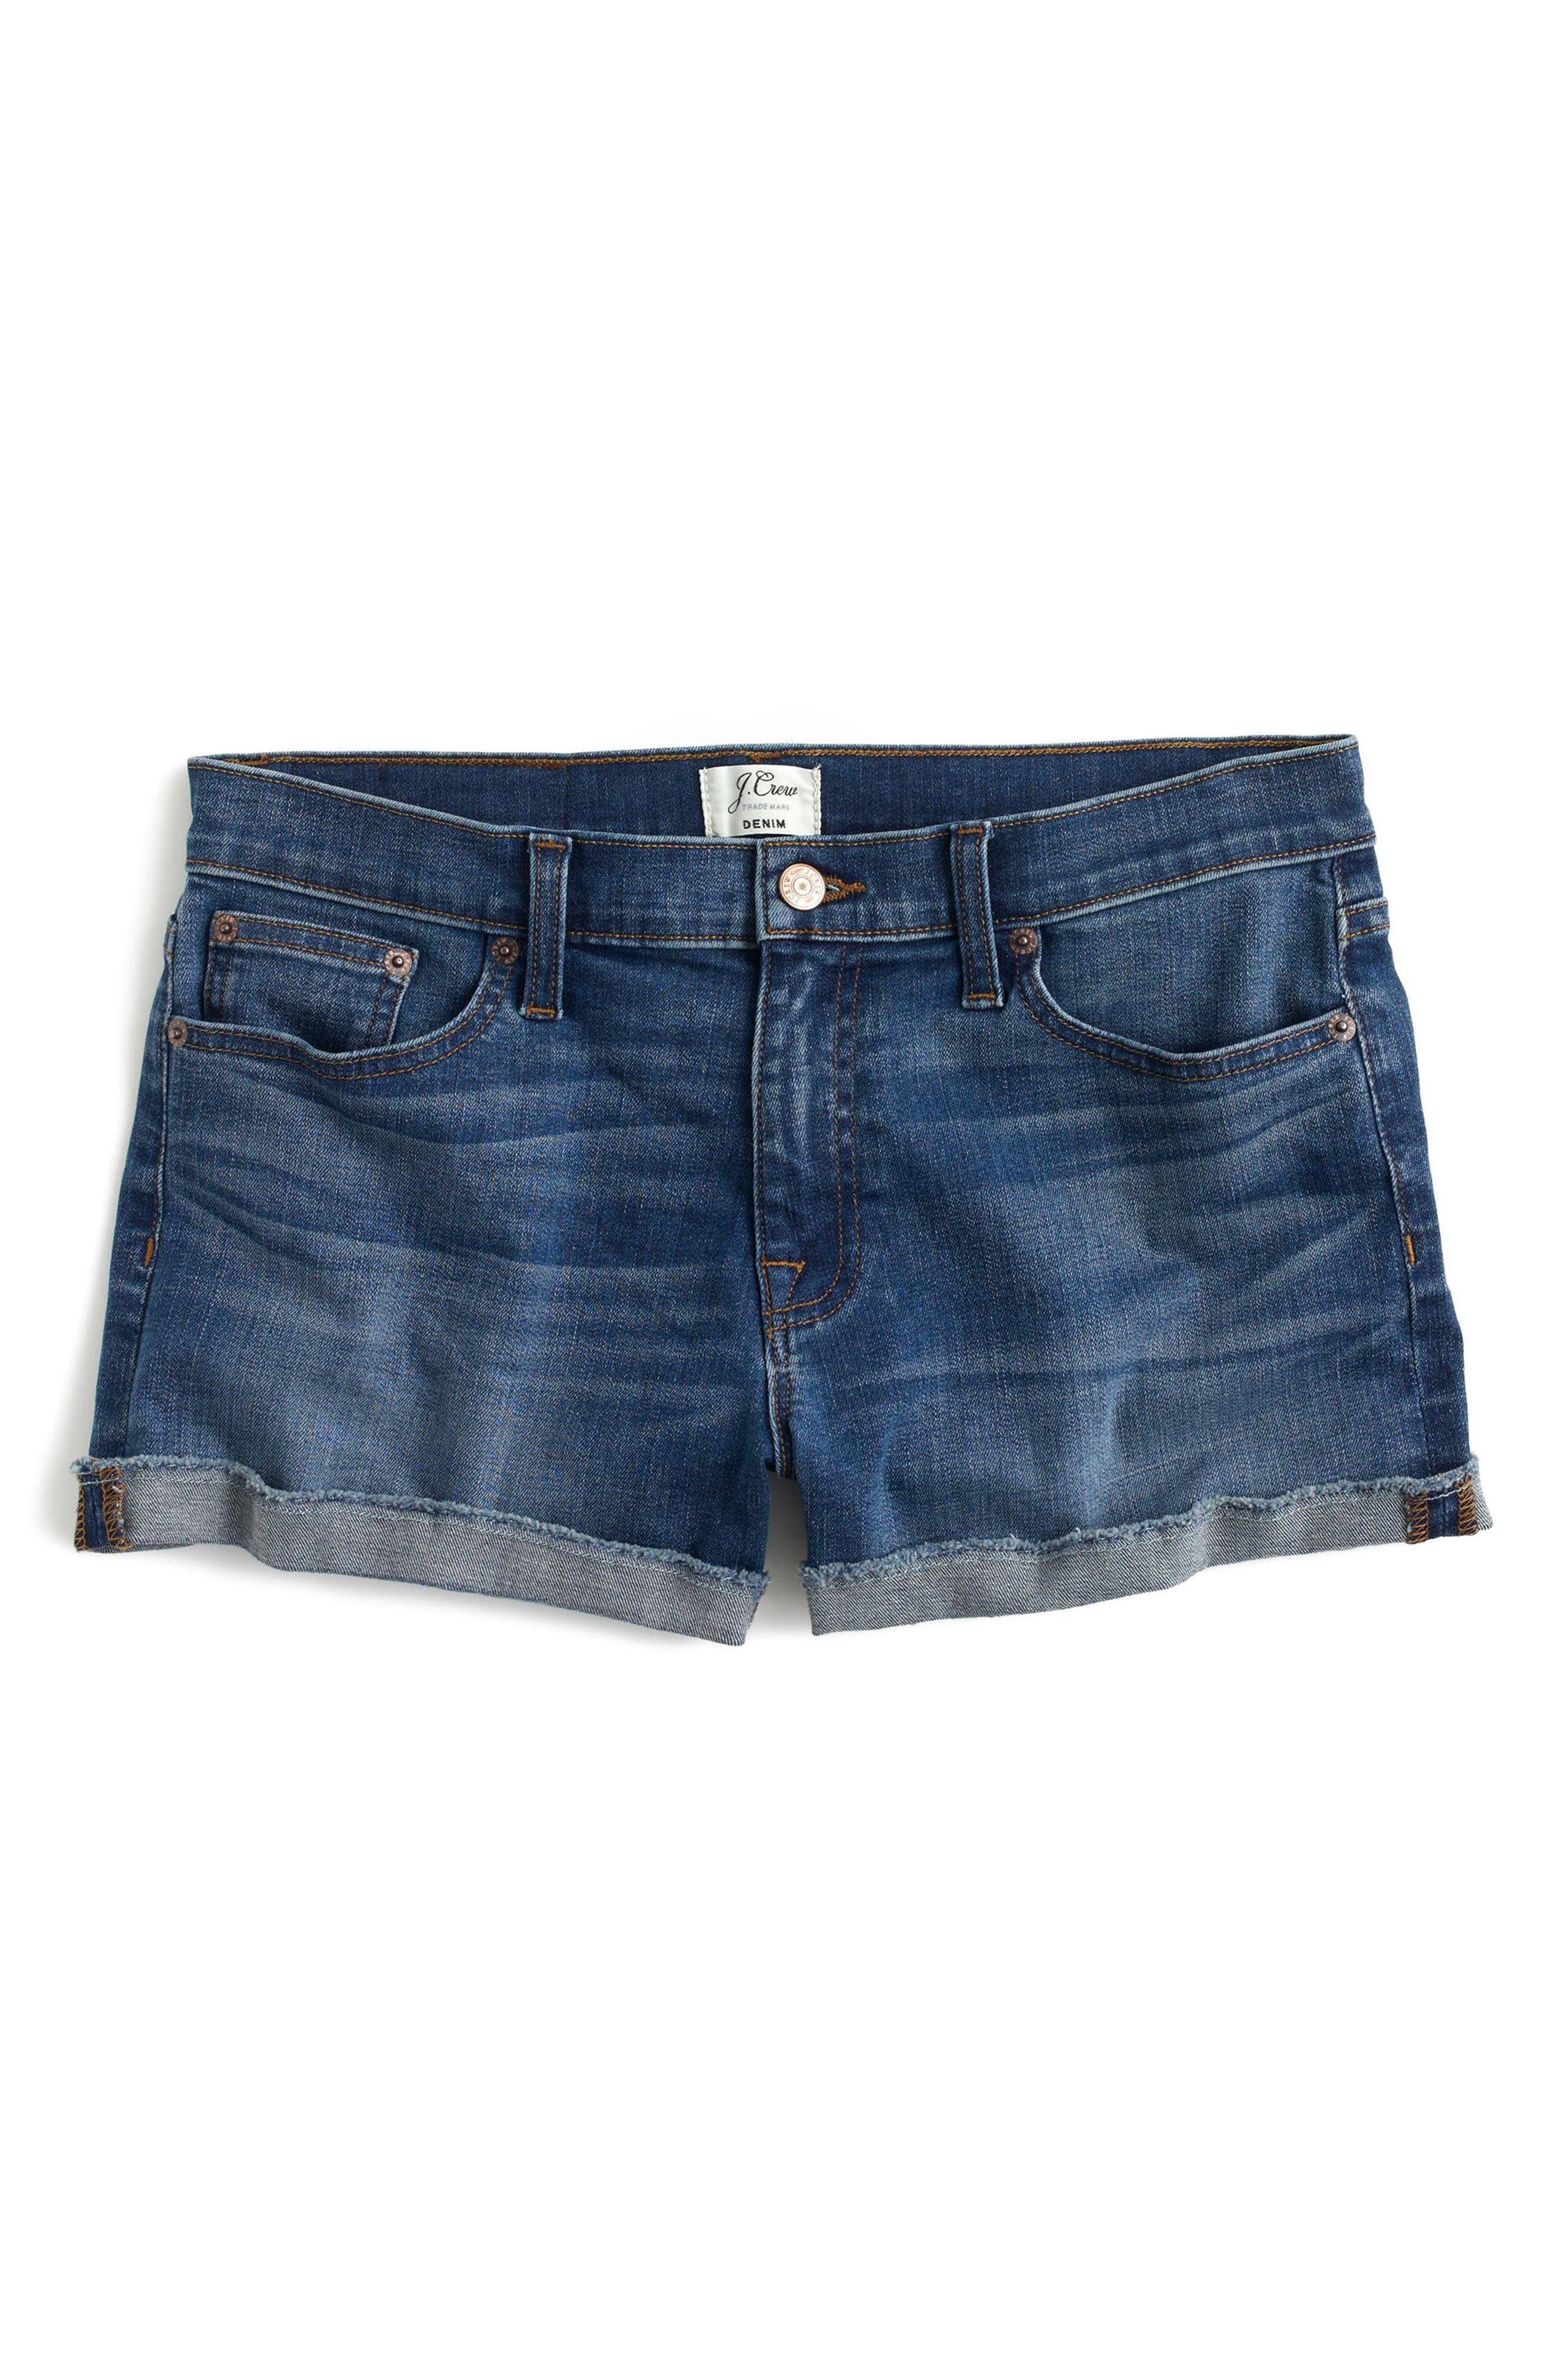 Midrise Denim Shorts,                             Alternate thumbnail 2, color,                             400